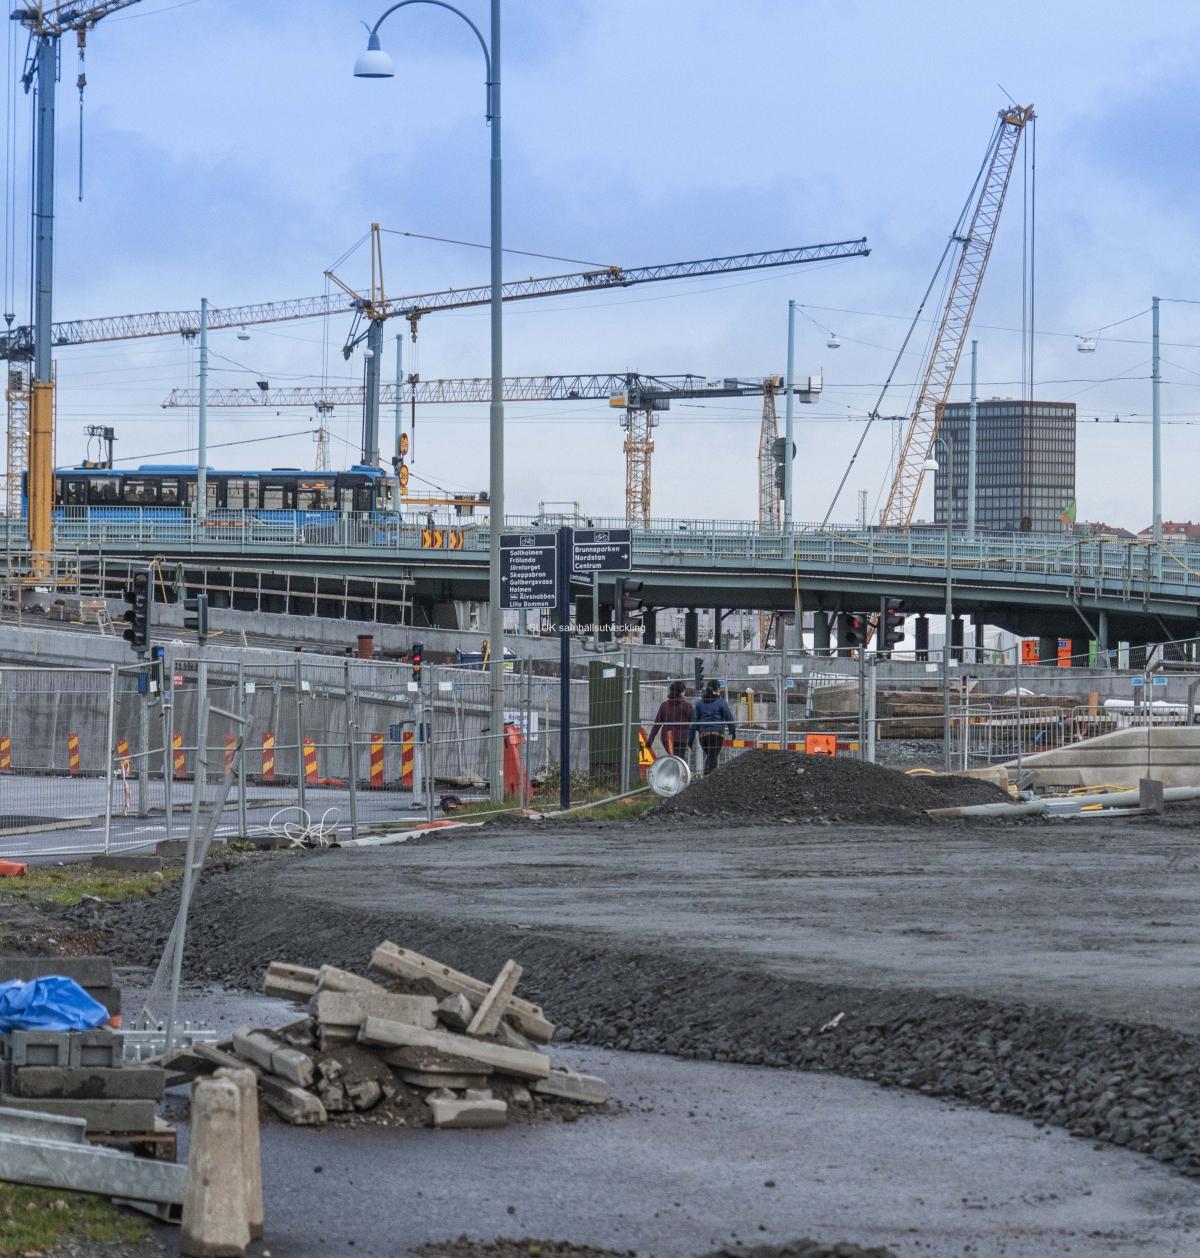 Trafiken kör på Götaälvbron. Nedanför bron syns Hisingsbrons avfart där man spårvagnarna kommer att köra.